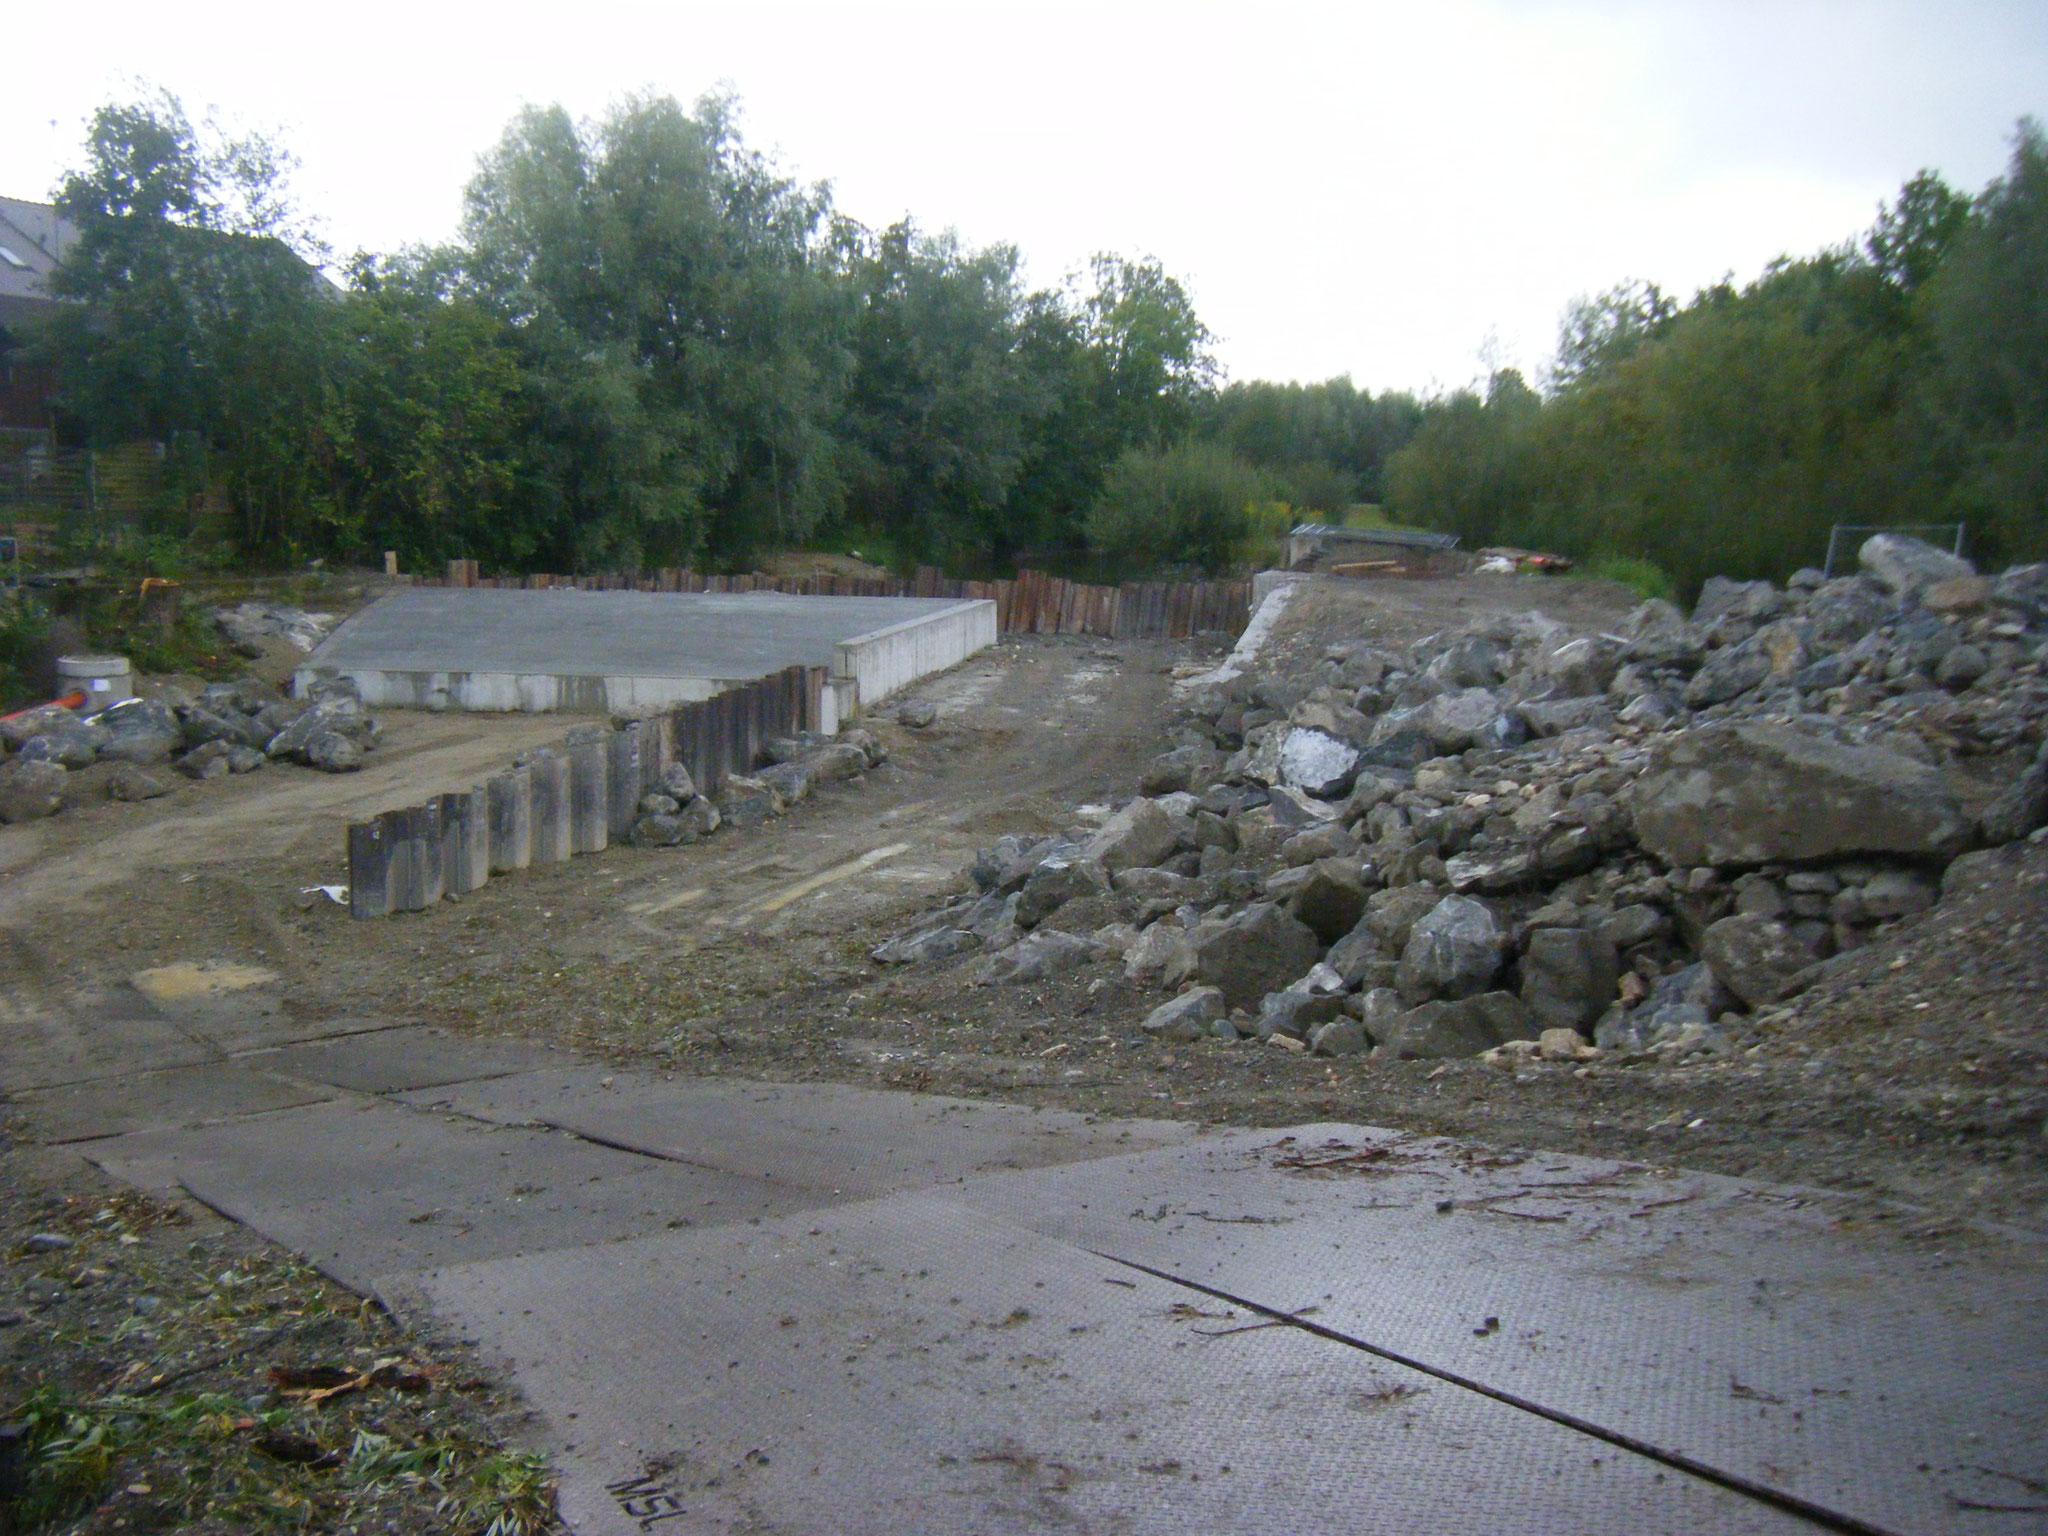 Endlich kann der Baubereich trockengelegt und für die raue Rampe vorbereitet werden